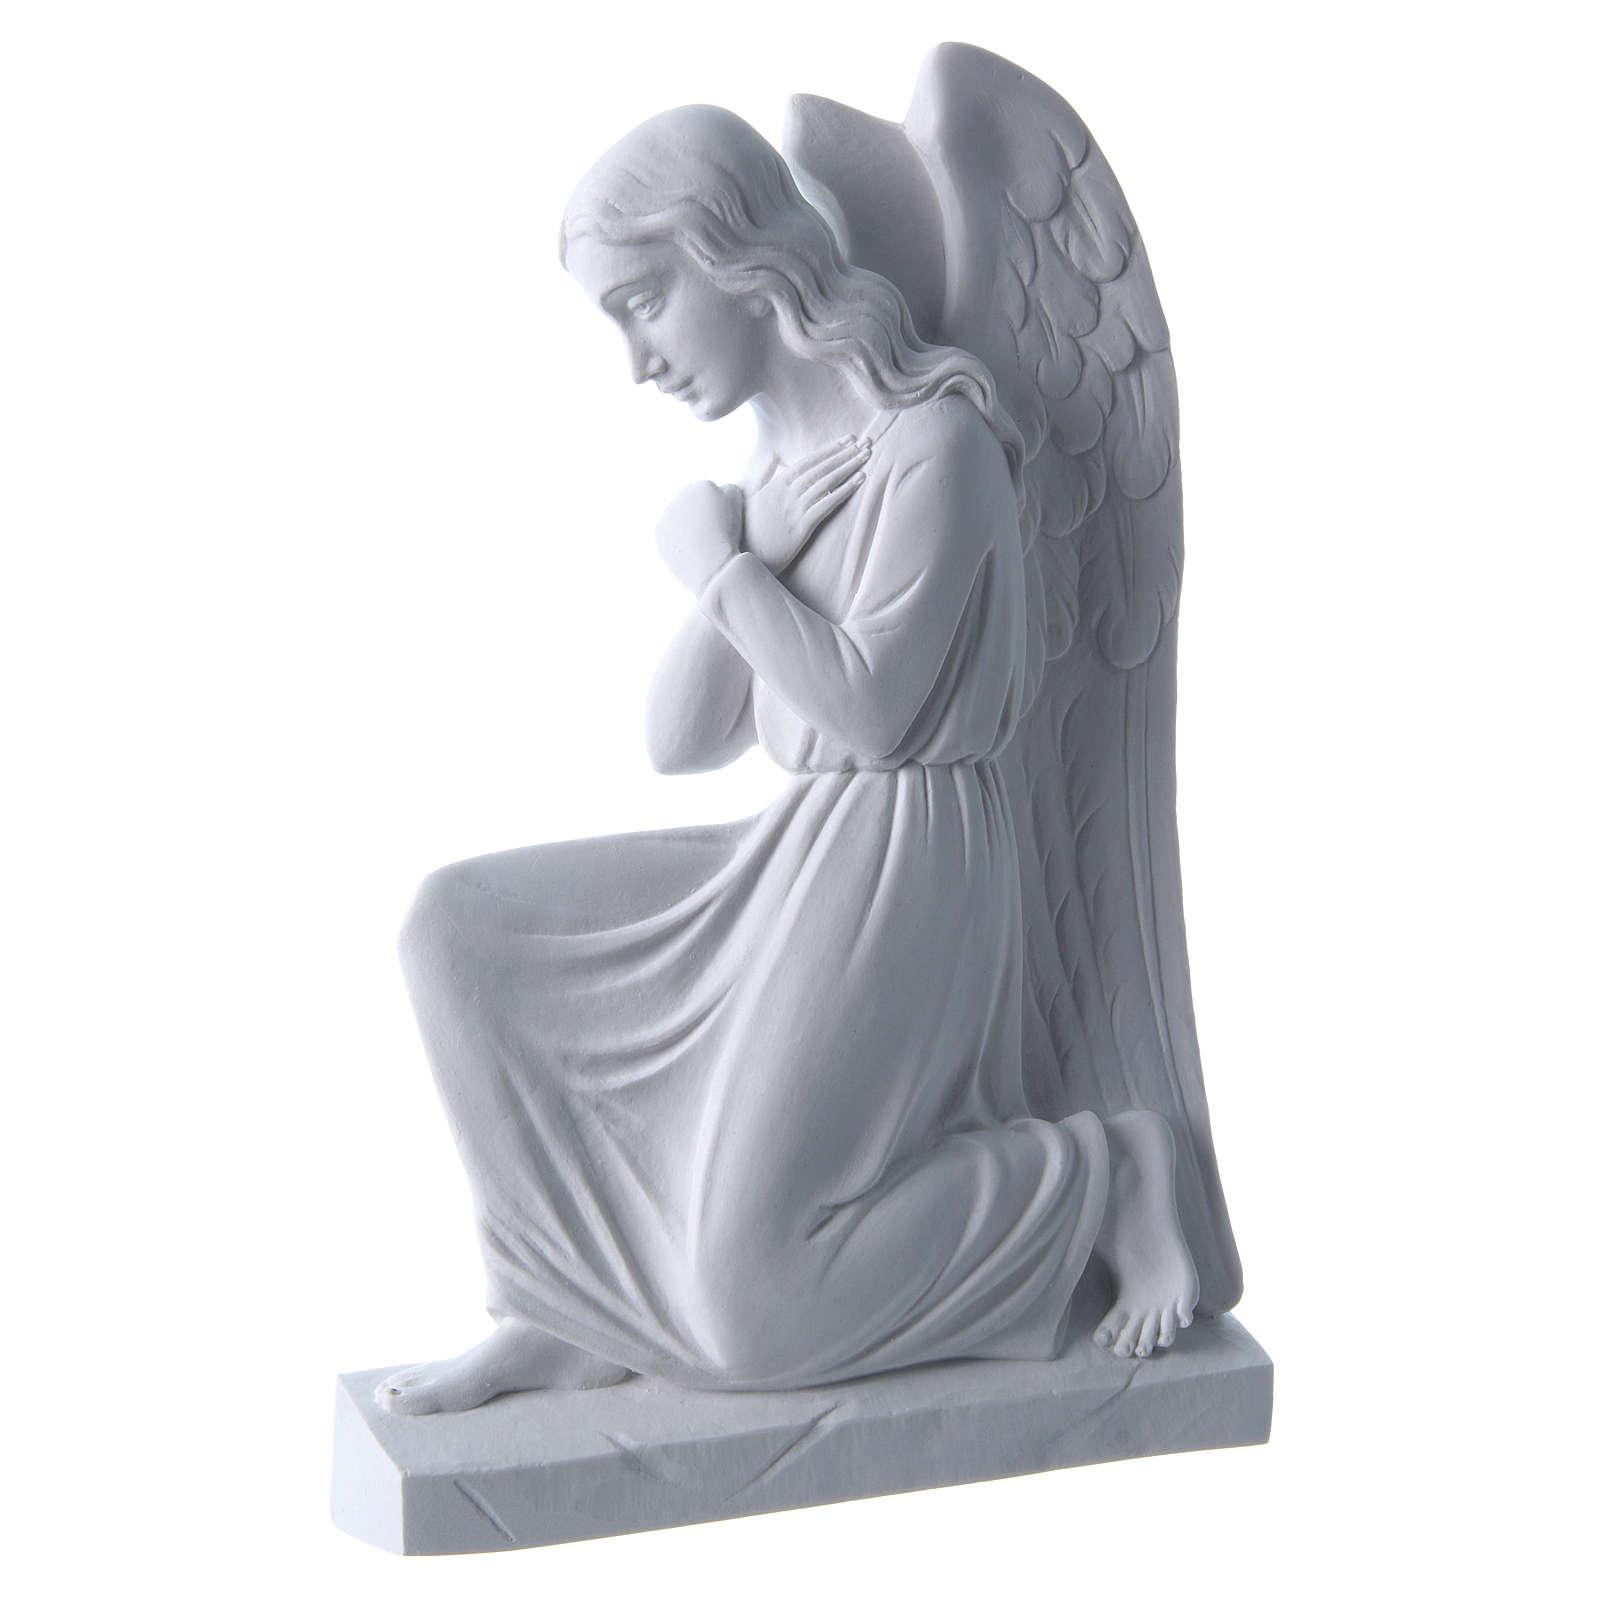 Anioł ze skrzyżowanymi ramionami 25 cm relief marmur 3